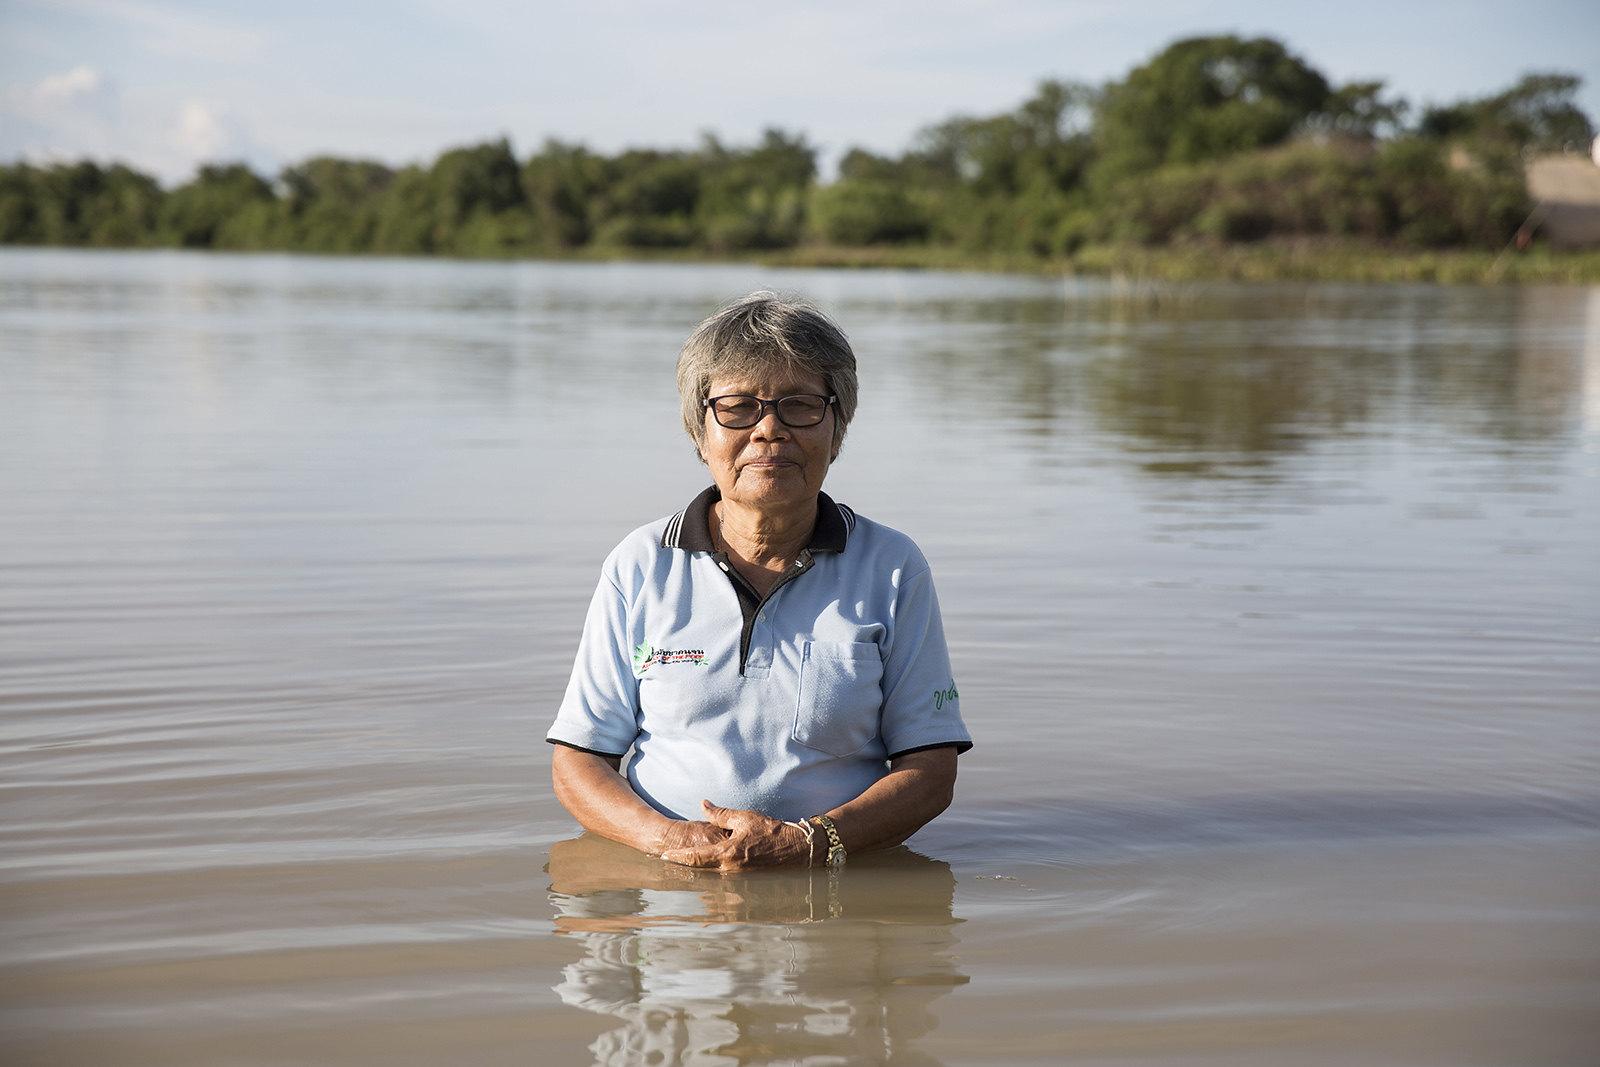 ผา กองธรรม อายุ 69 ปี หนึ่งผู้นำขบวนการต่อสู้ด้านสิทธิชุมชนของคนลุ่มน้ำมูลมากว่า 30 ปี(ที่มา: Luke Duggleby)